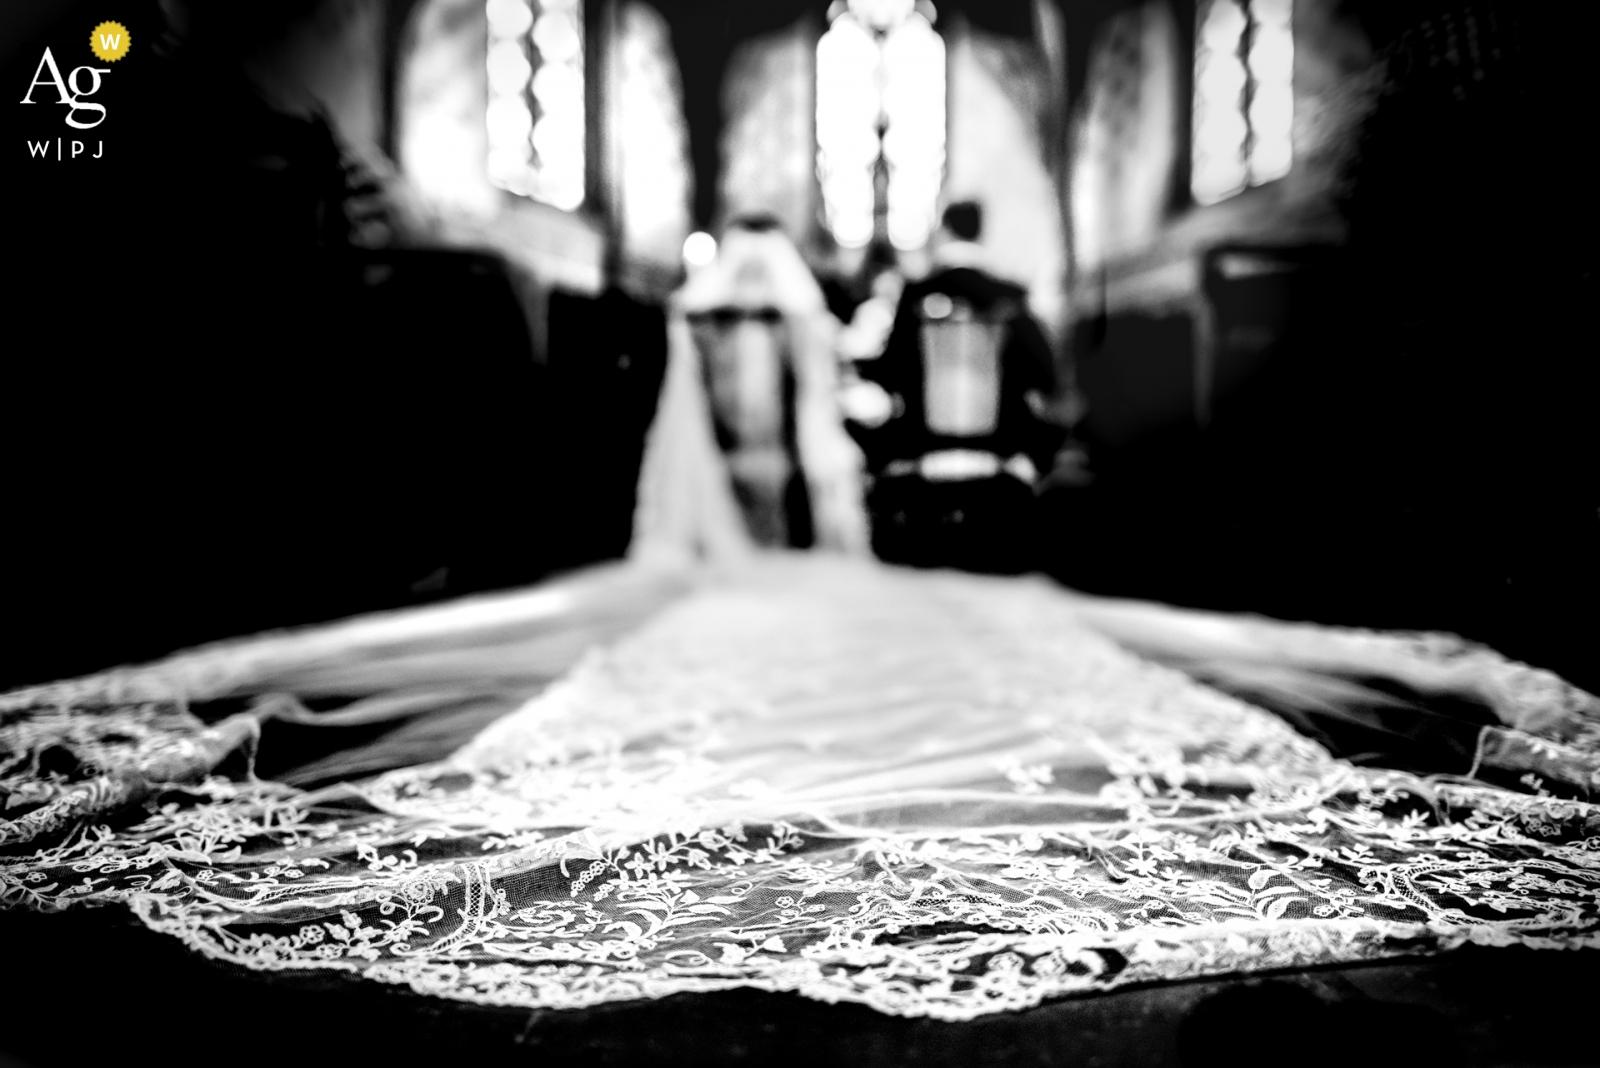 Agen, Francja szczegóły ślubu welonu panny młodej w kościele